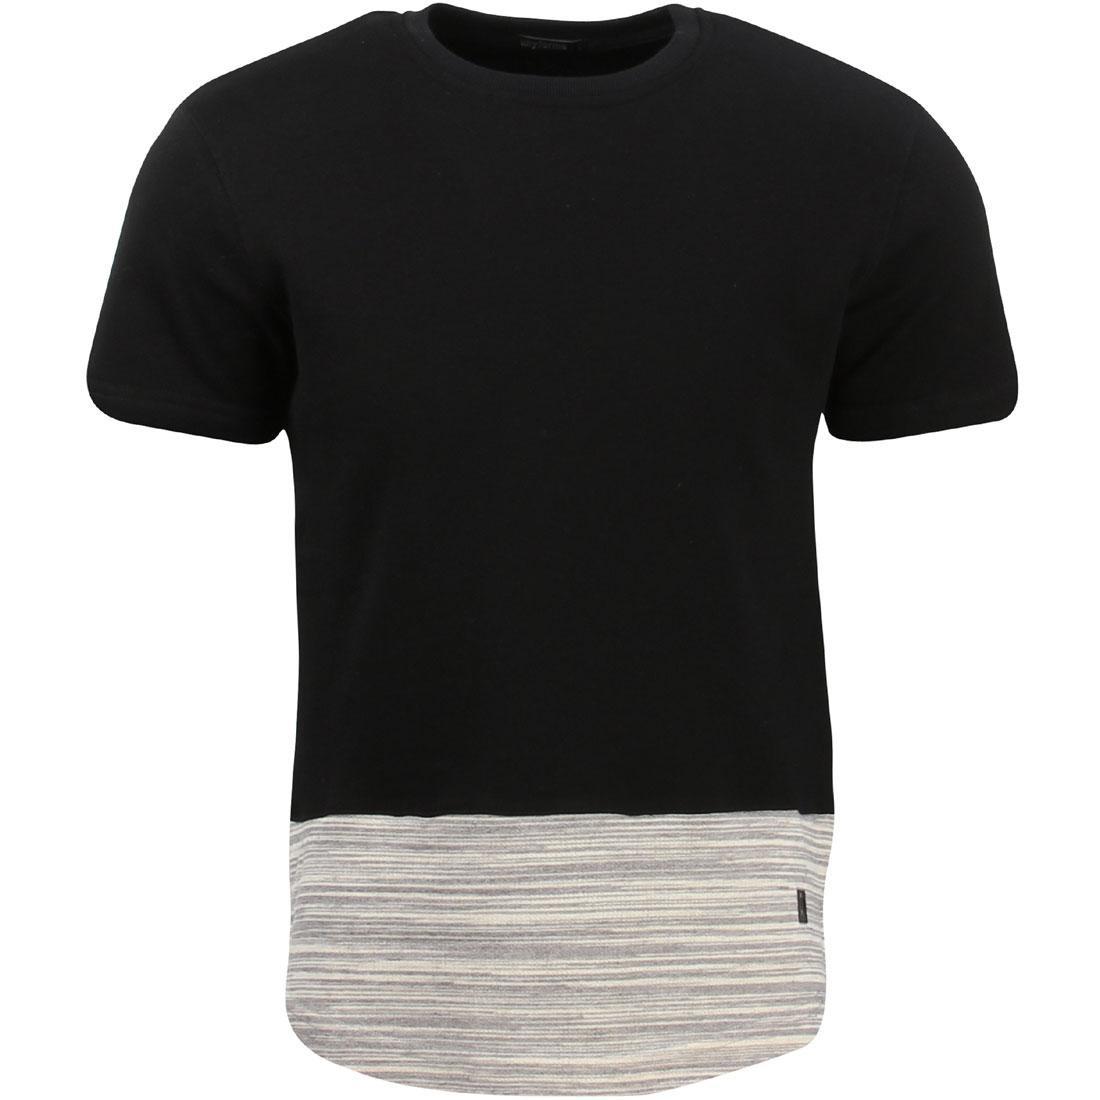 【海外限定 UNYFORME】ニット Tシャツ カットソー【 KNIT UNYFORME MEN PRALL KNIT】 TEE BLACK】, MTK:92dc9f8b --- officewill.xsrv.jp